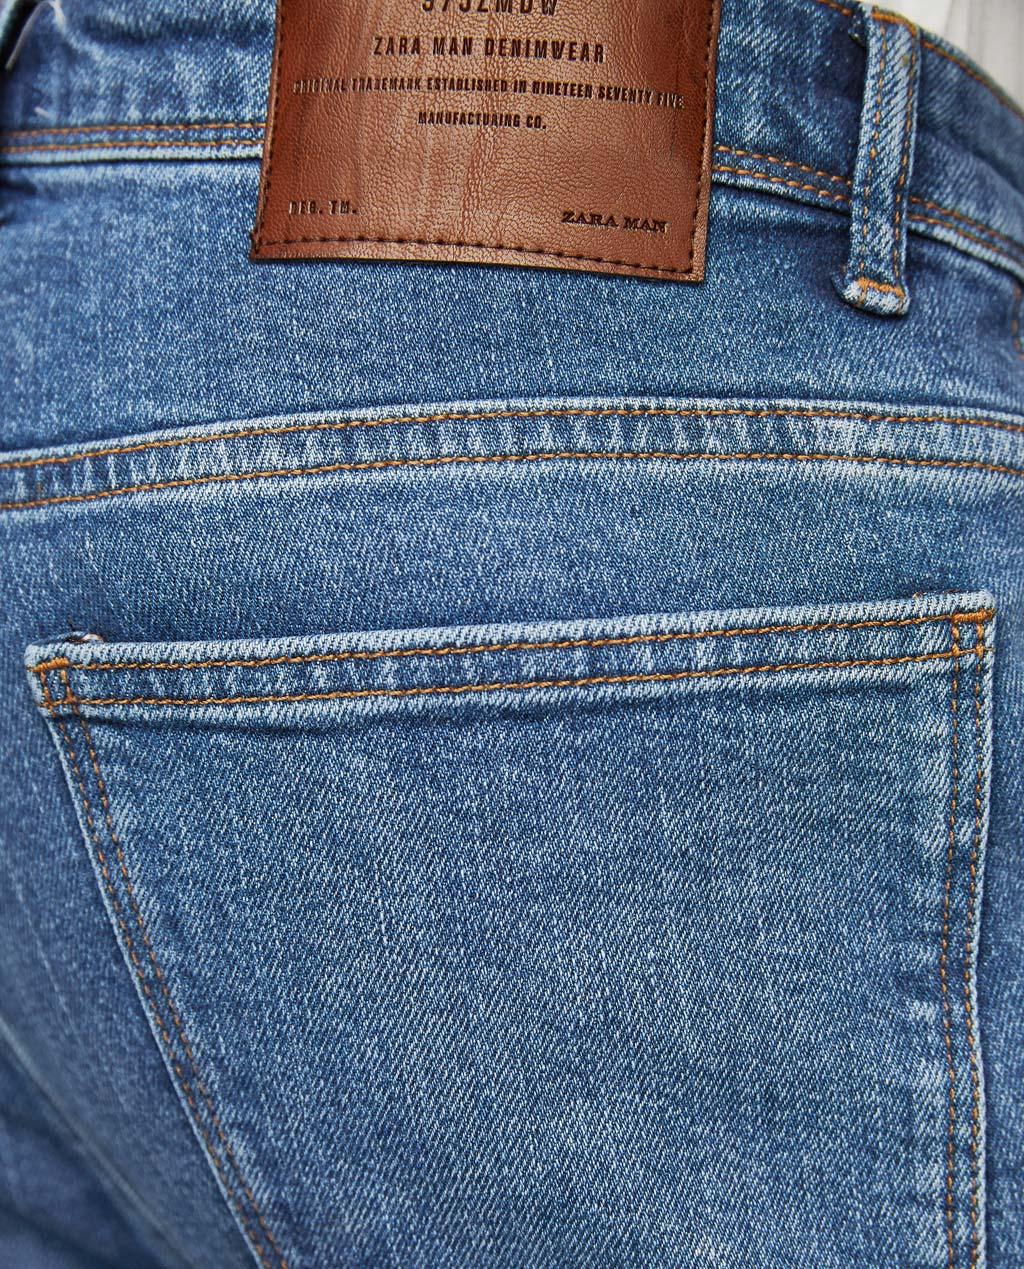 Thời trang nam Zara  24098 - ảnh 7